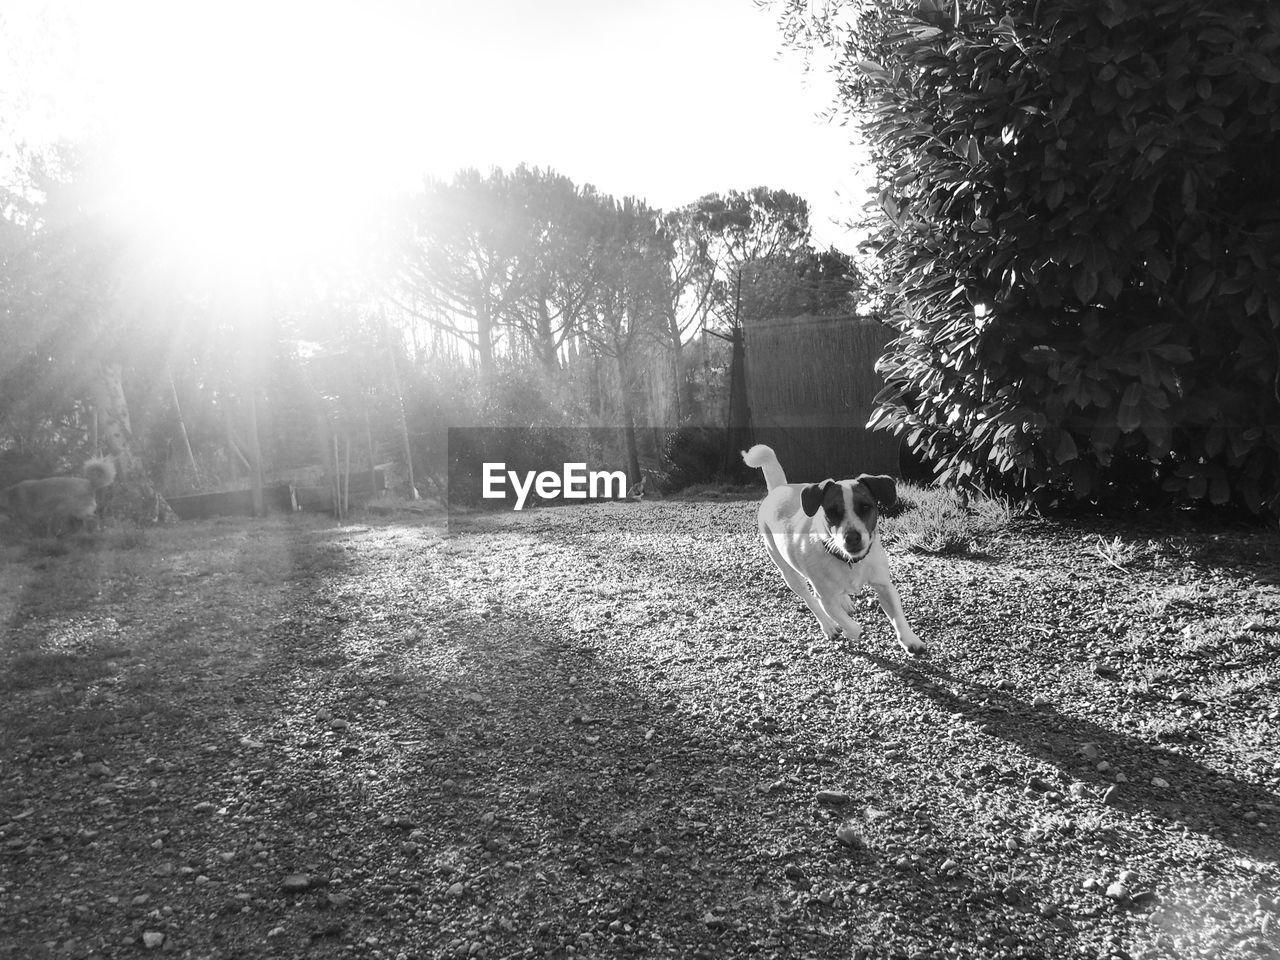 DOG STANDING ON LANDSCAPE